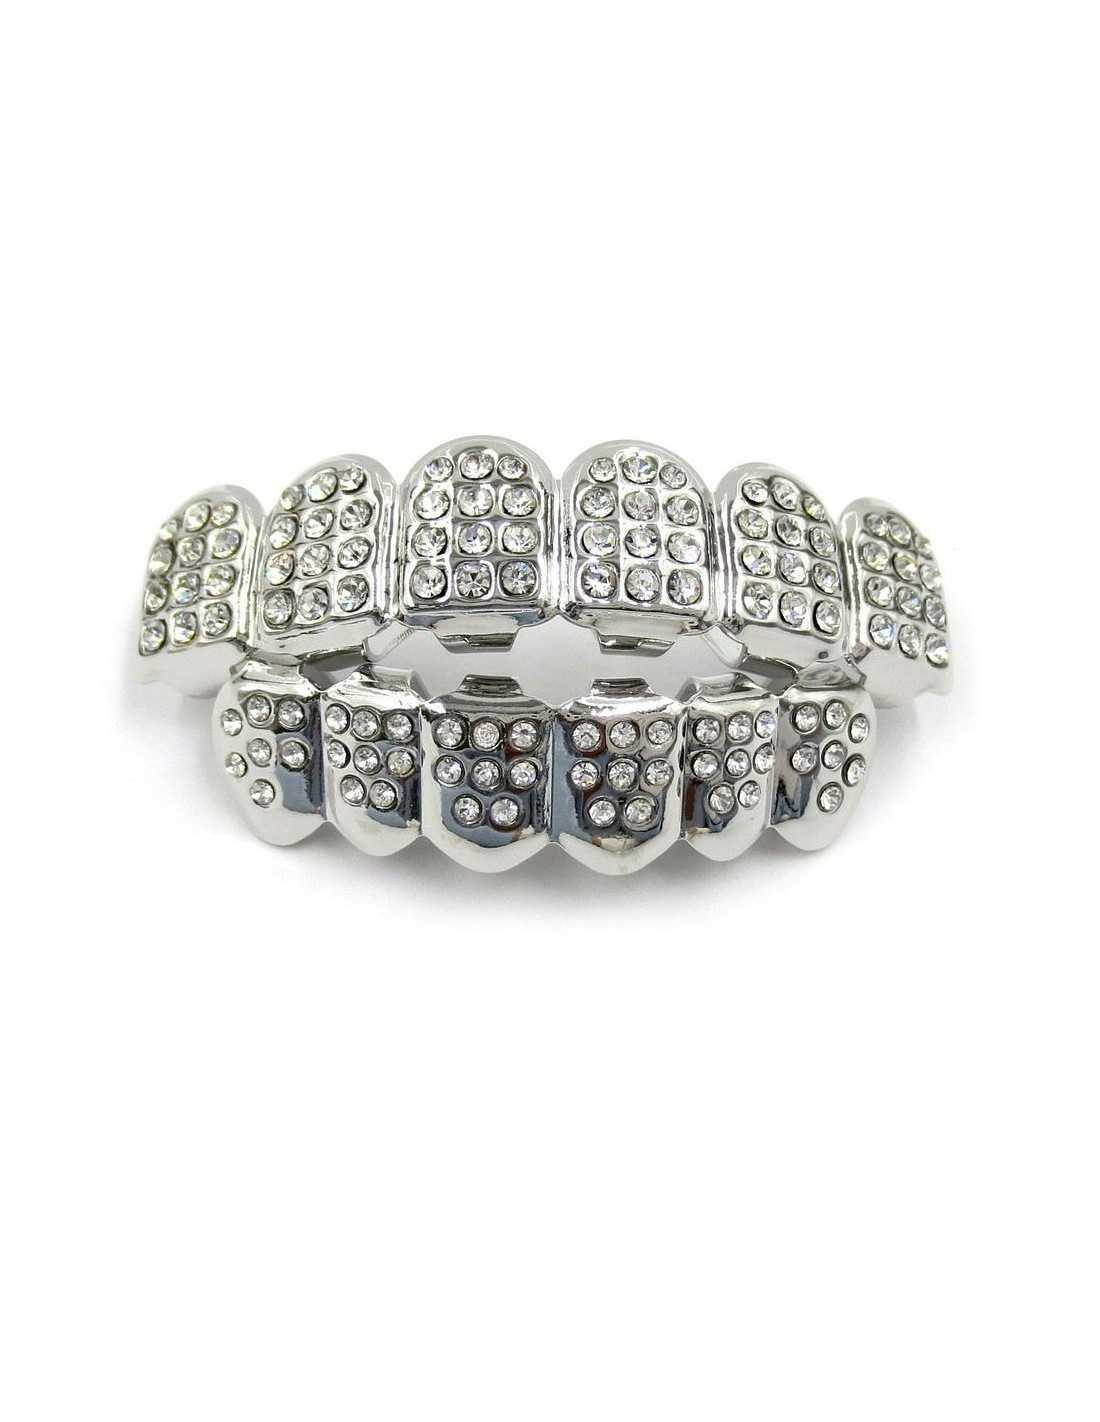 Брекеты грилзы серебро и диаманты